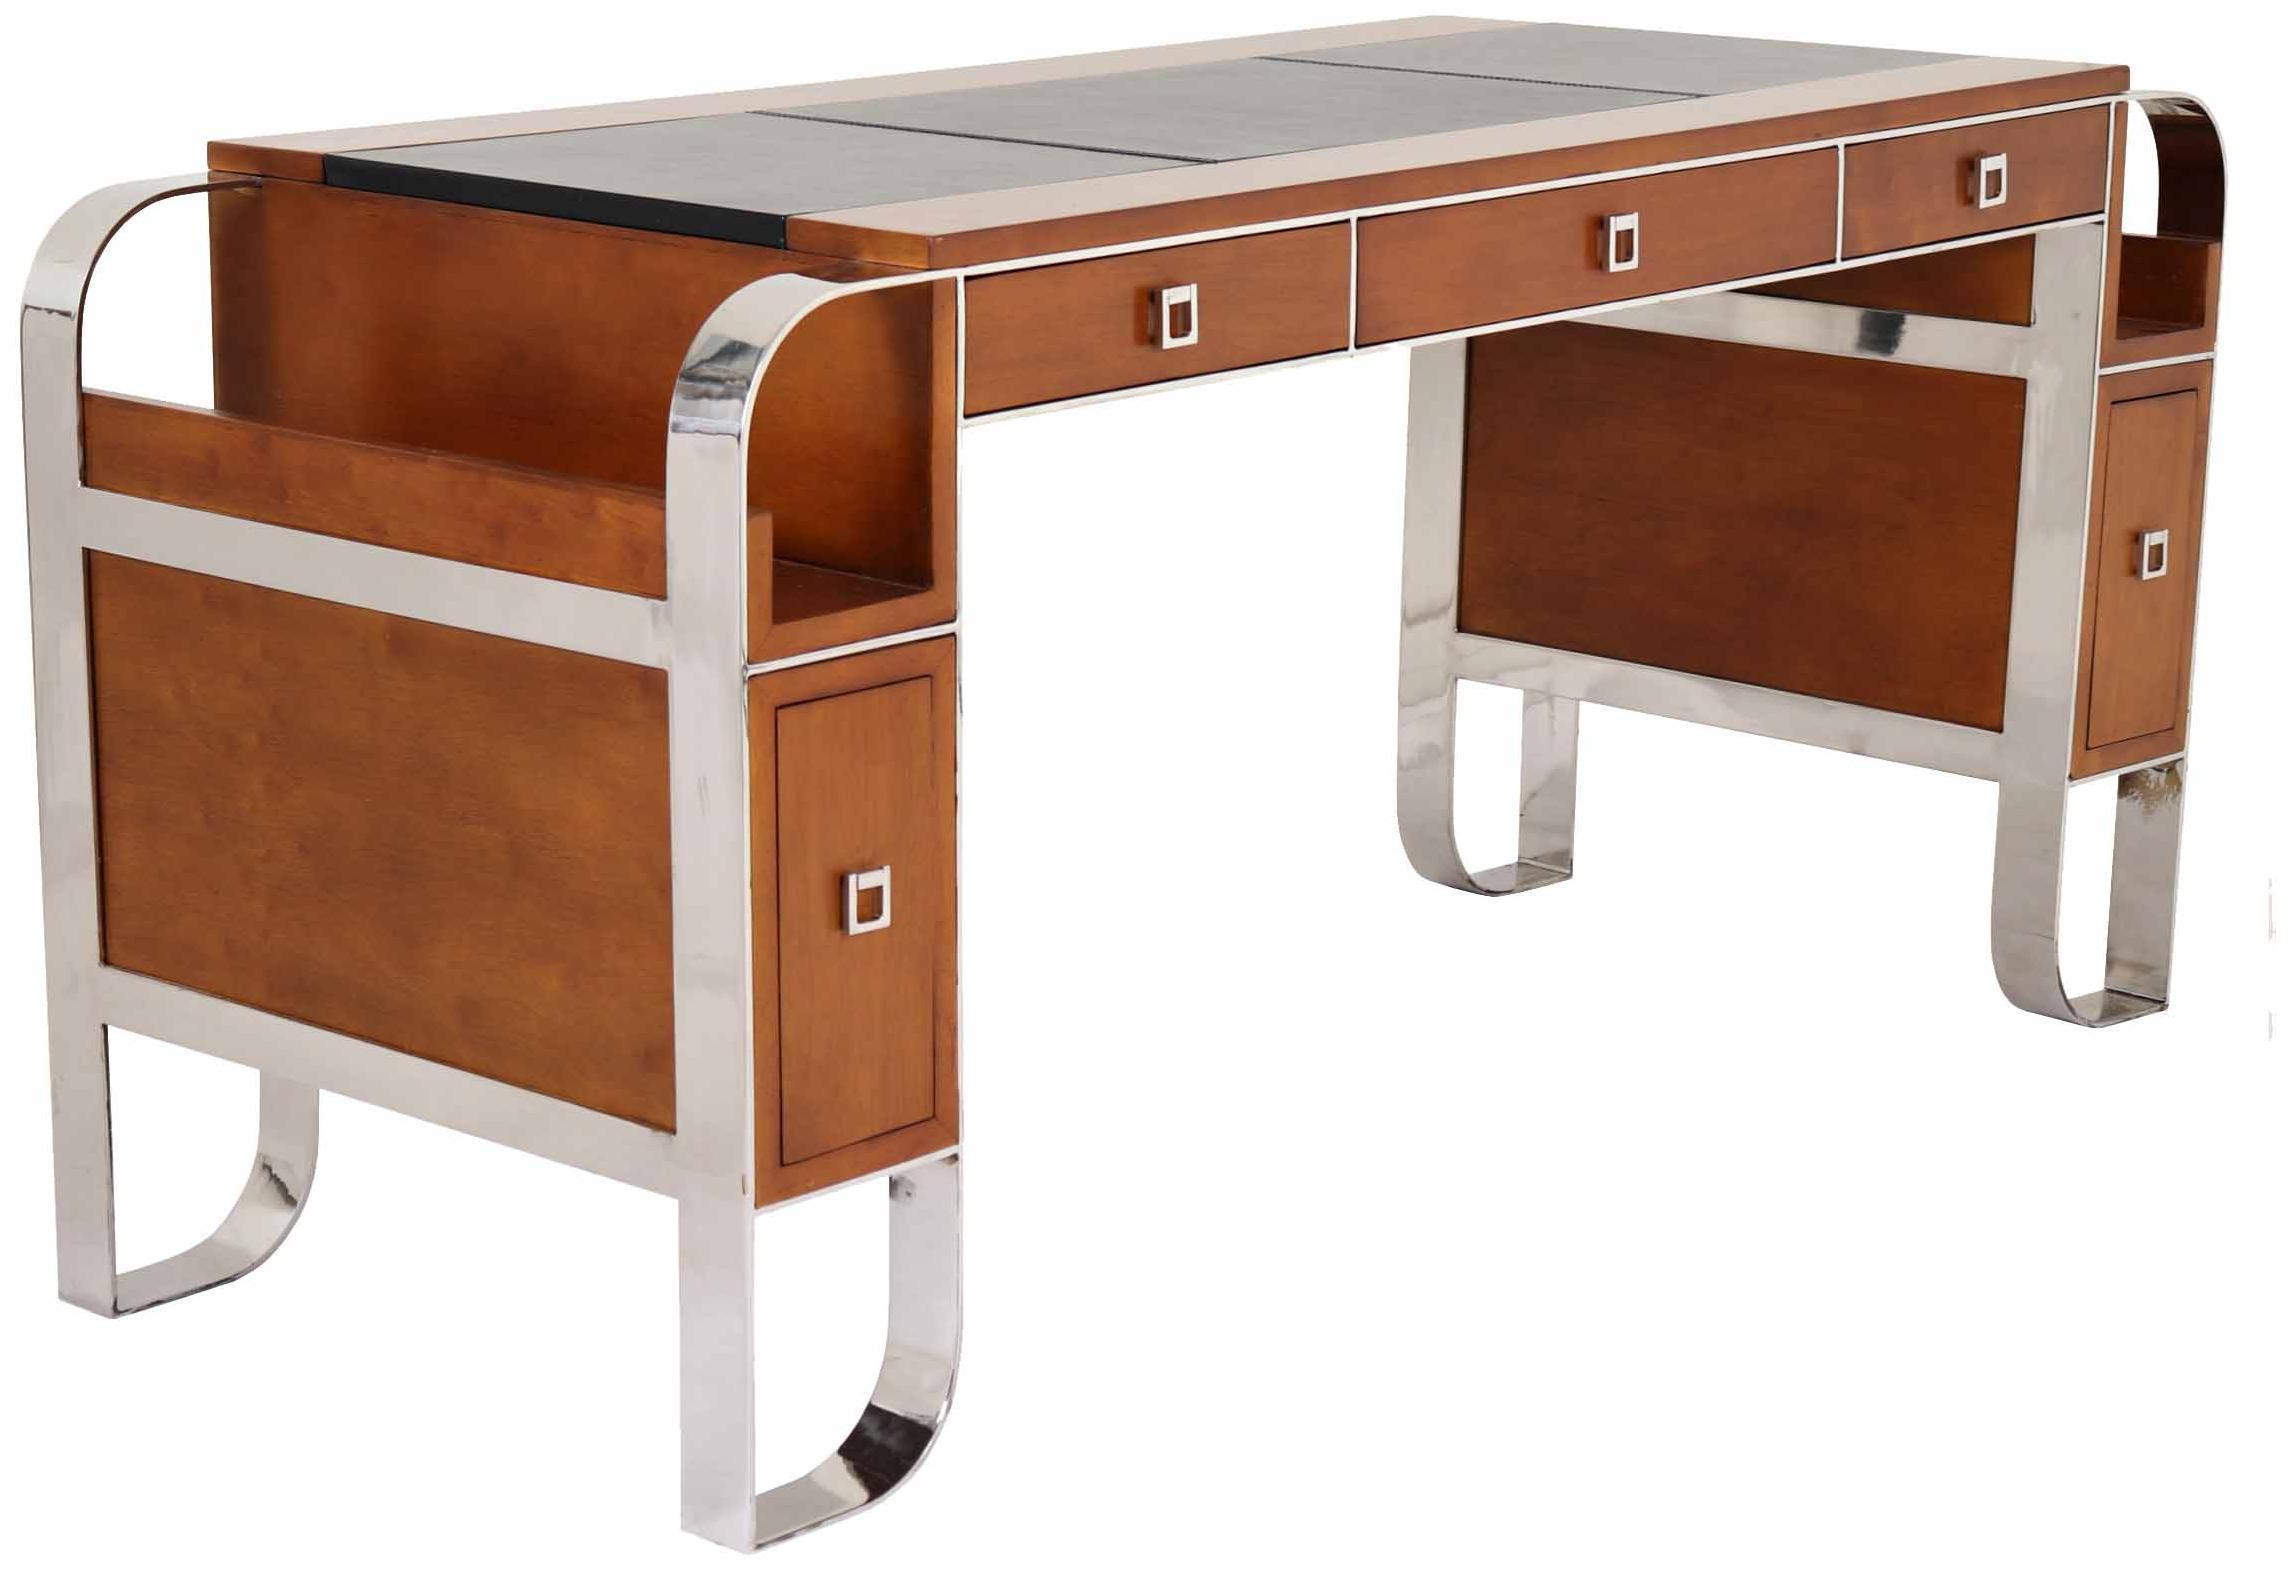 Guy lefevre jansen table bureau rectangulaire en acier